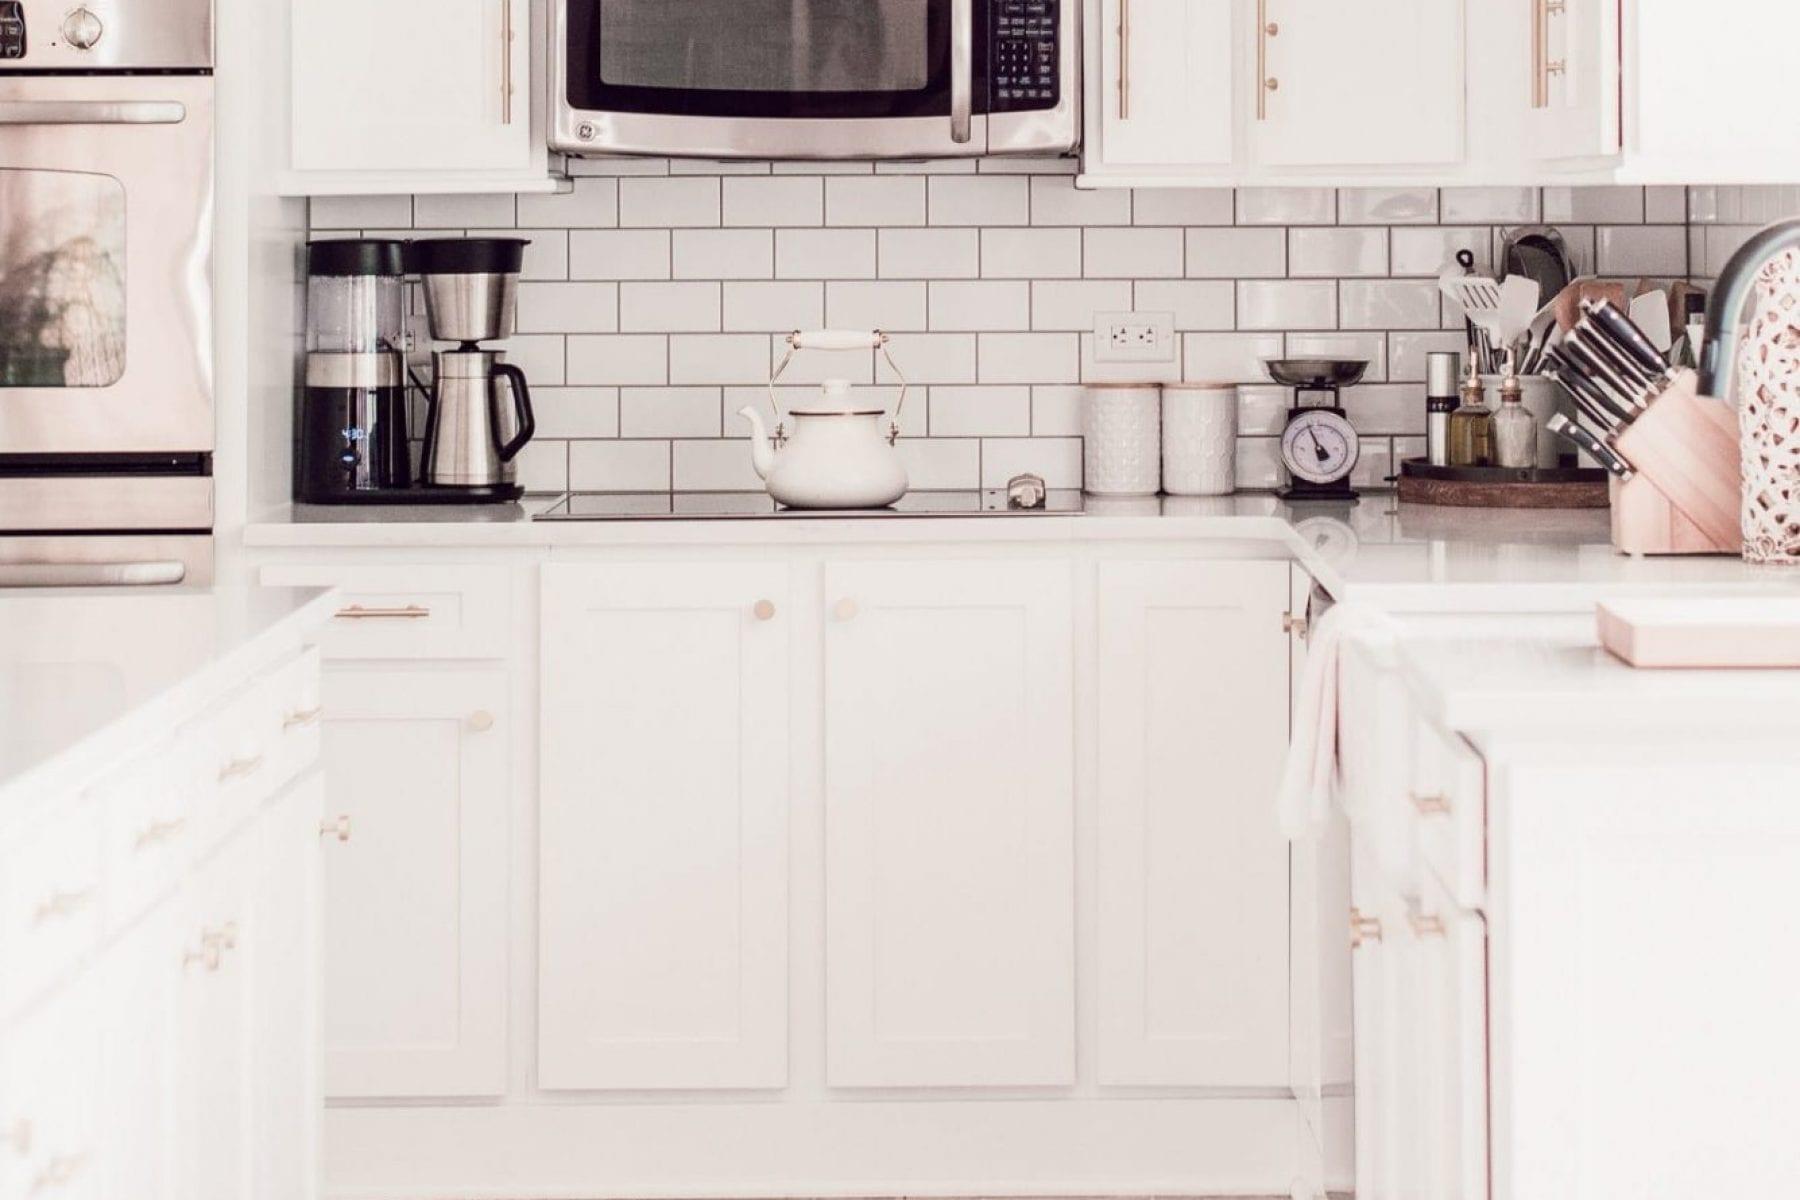 Afternoon-Espresso-Anniversary-Sale-Kitchen-Reveal-Farmhouse-Kitchen-Fixer-Upper-Kitchen-88-of-9